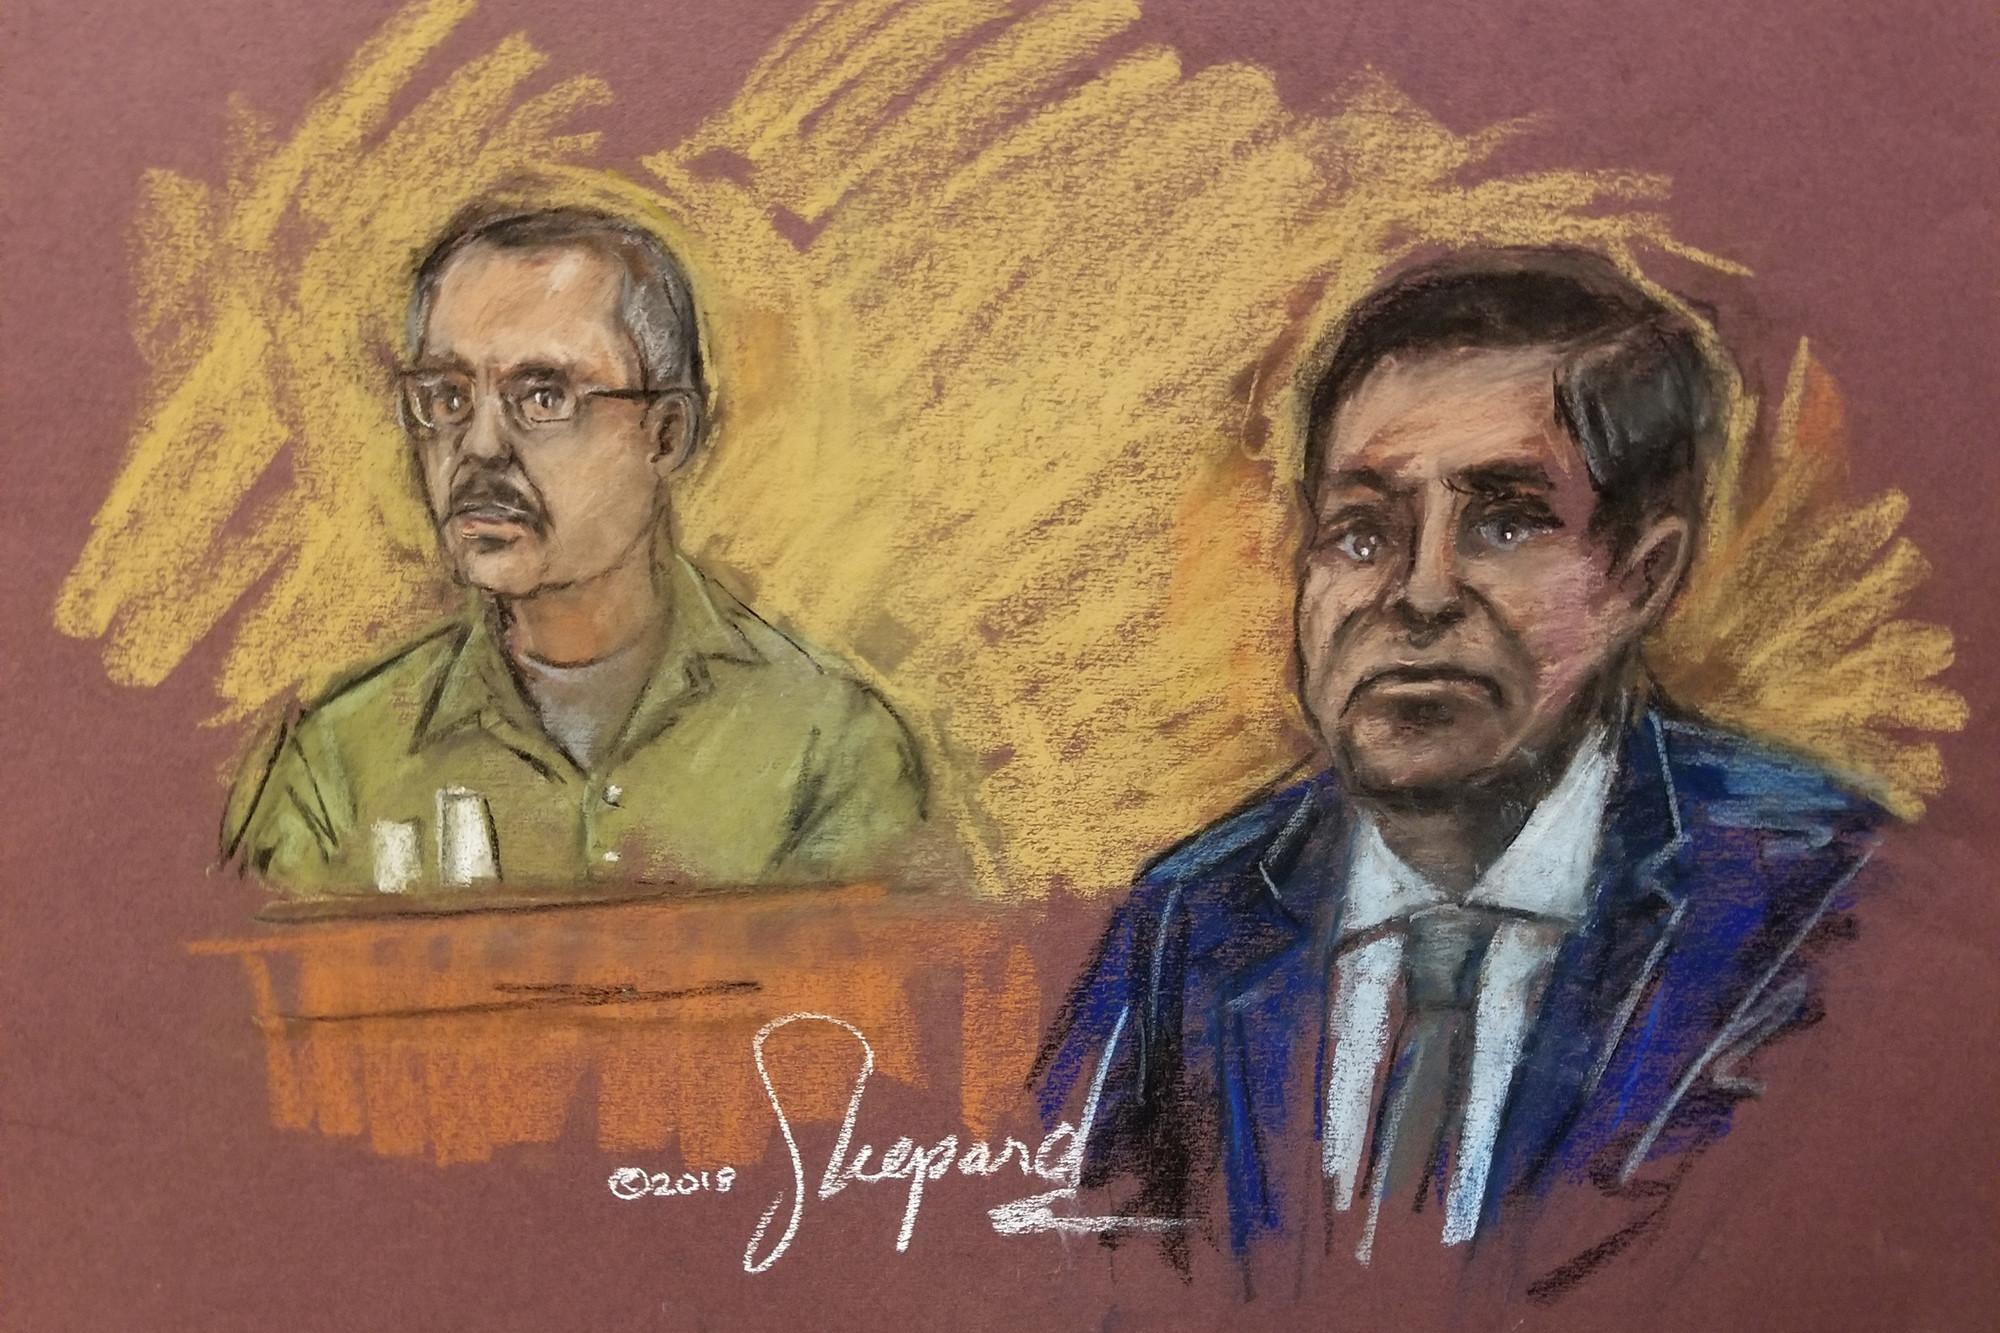 El Chapo celebrated prison escape anniversary with party